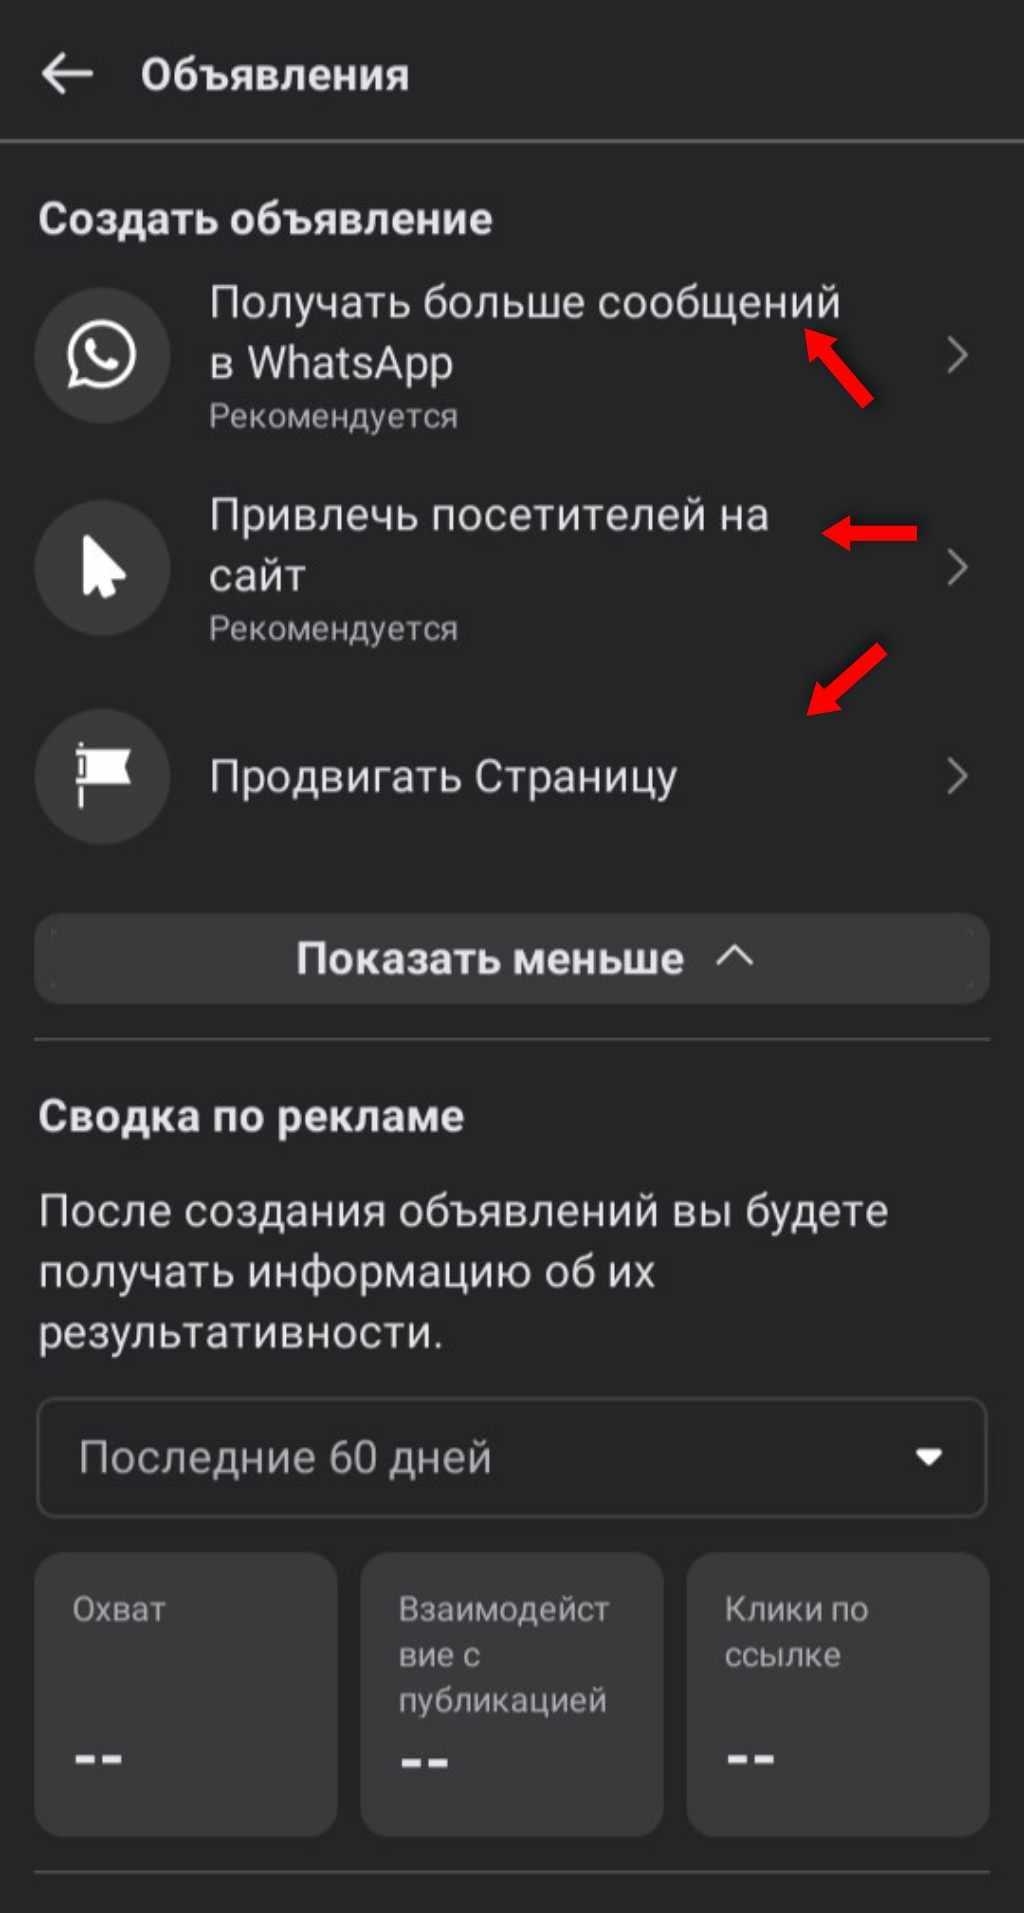 InFrame_1627143088466.jpg